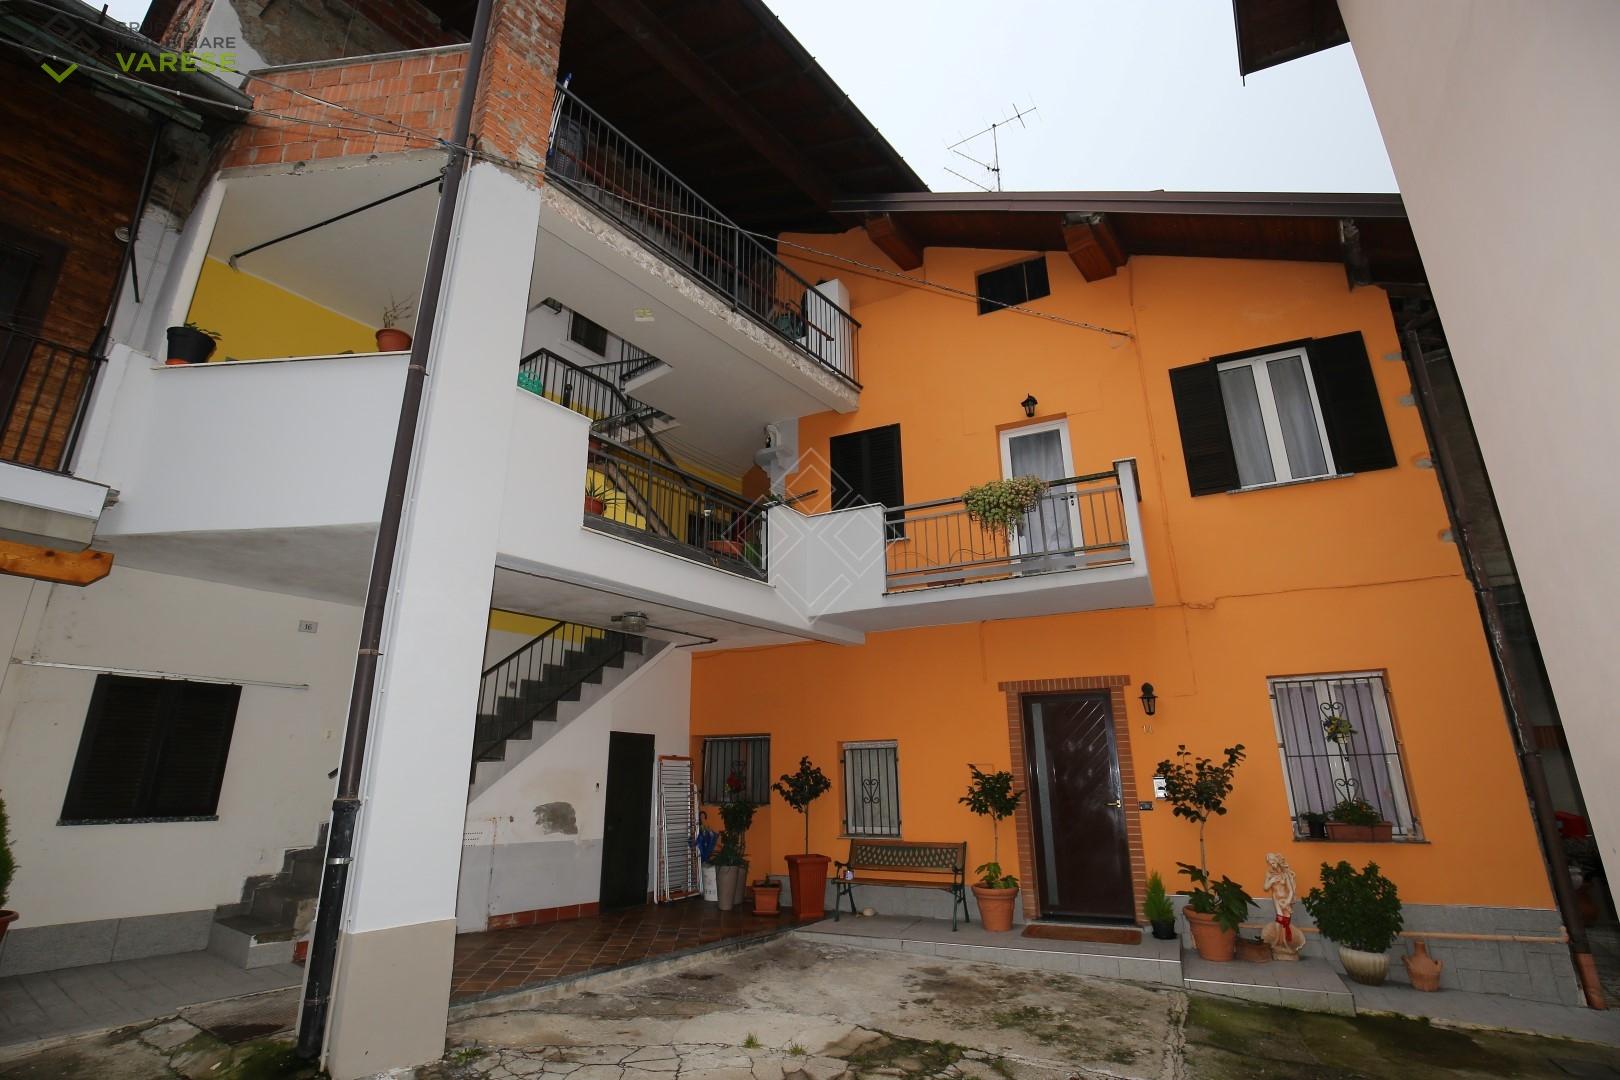 Soluzione Indipendente in vendita a Malnate, 4 locali, zona Località: SanSalvatore, prezzo € 165.000 | CambioCasa.it